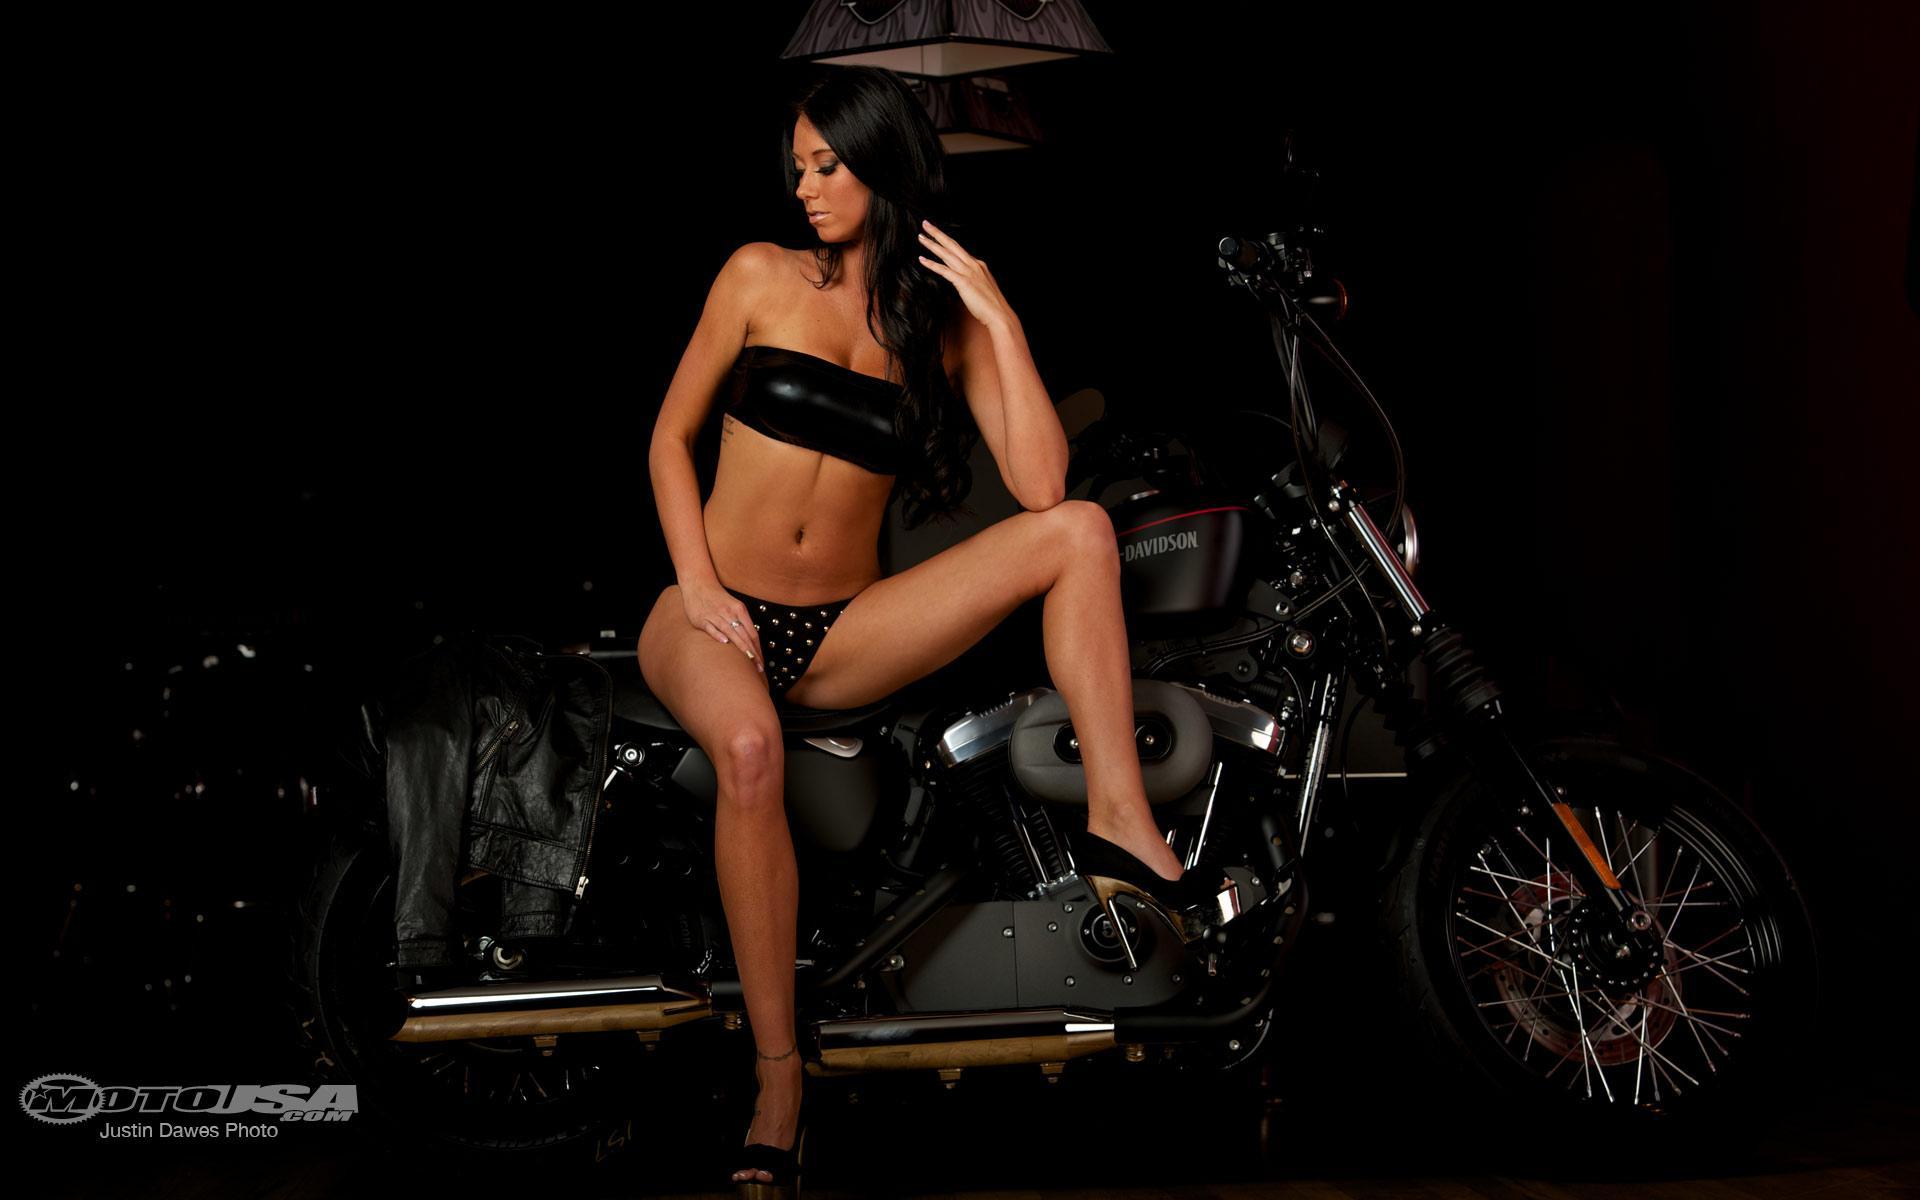 Harley-Davidson & Girl  http://hdwallpapersfit com/harley-davidson